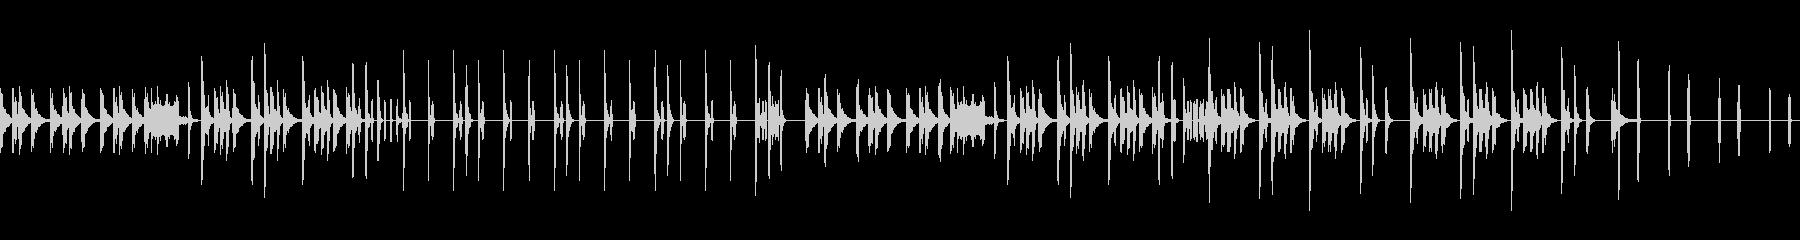 ジャングルをイメージしたスチールドラム曲の未再生の波形